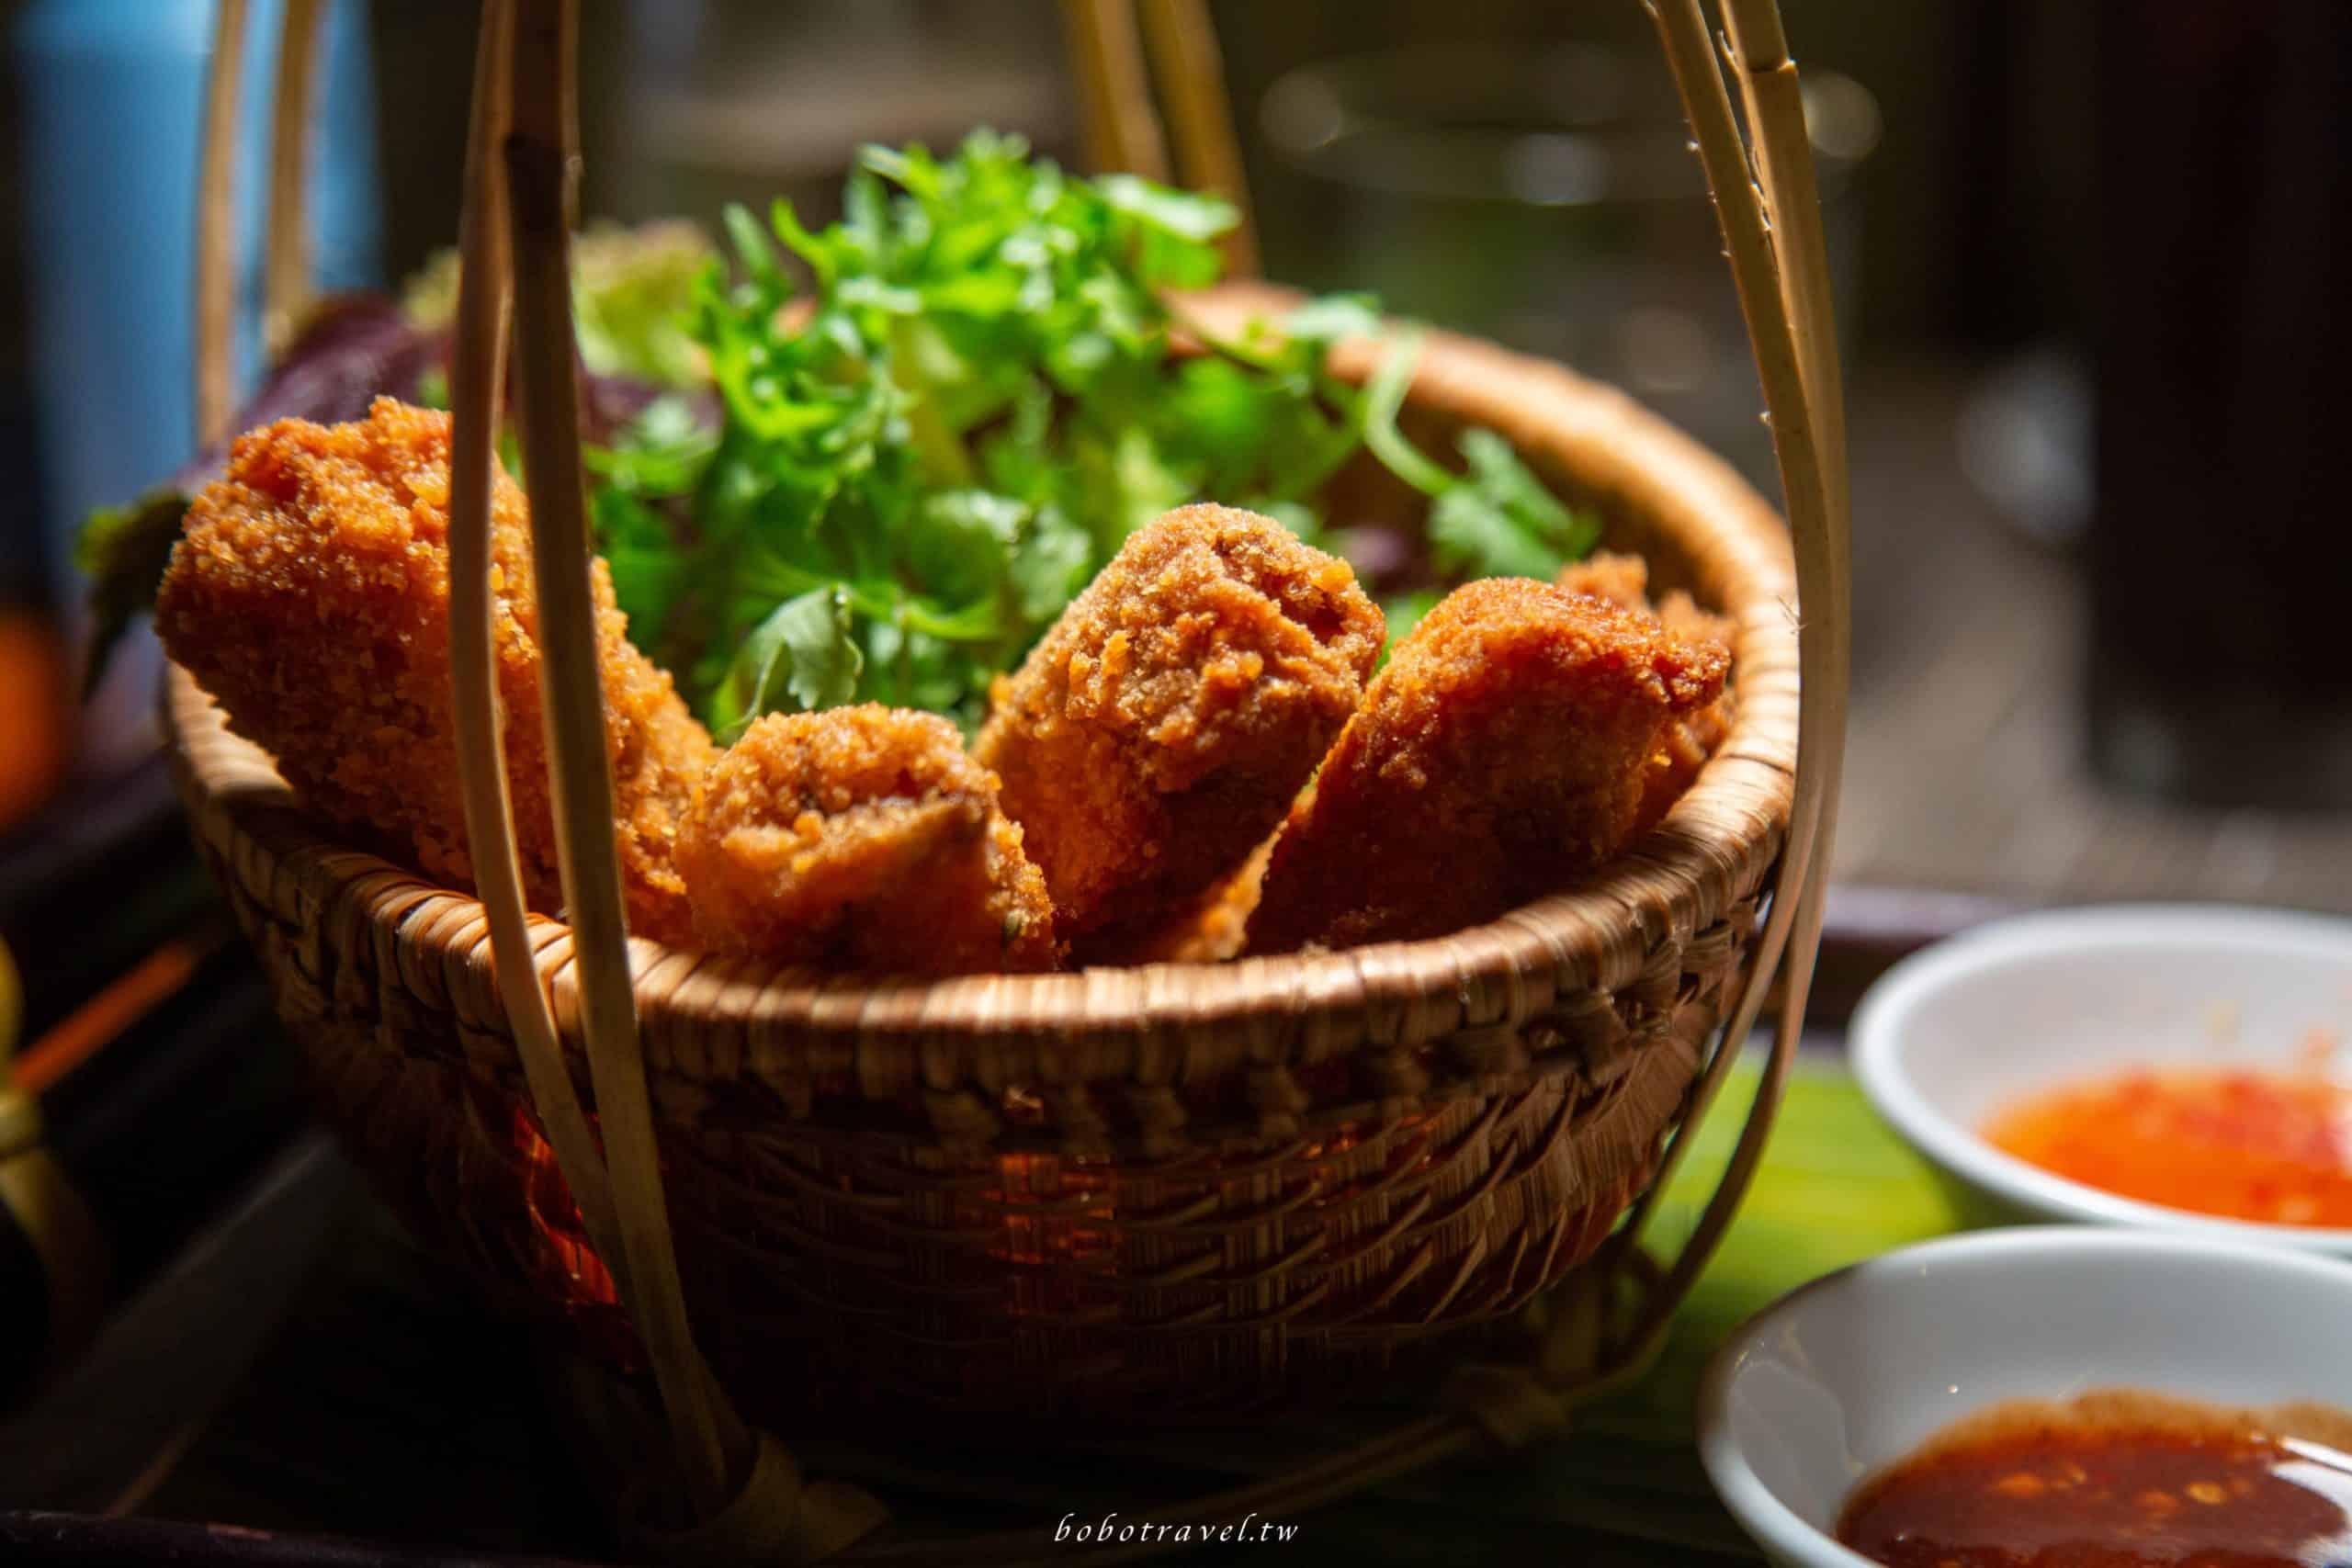 越南、富國島美食 The Spice House|精緻手法詮釋道地越南料理,有浪濤陪伴的美食饗宴